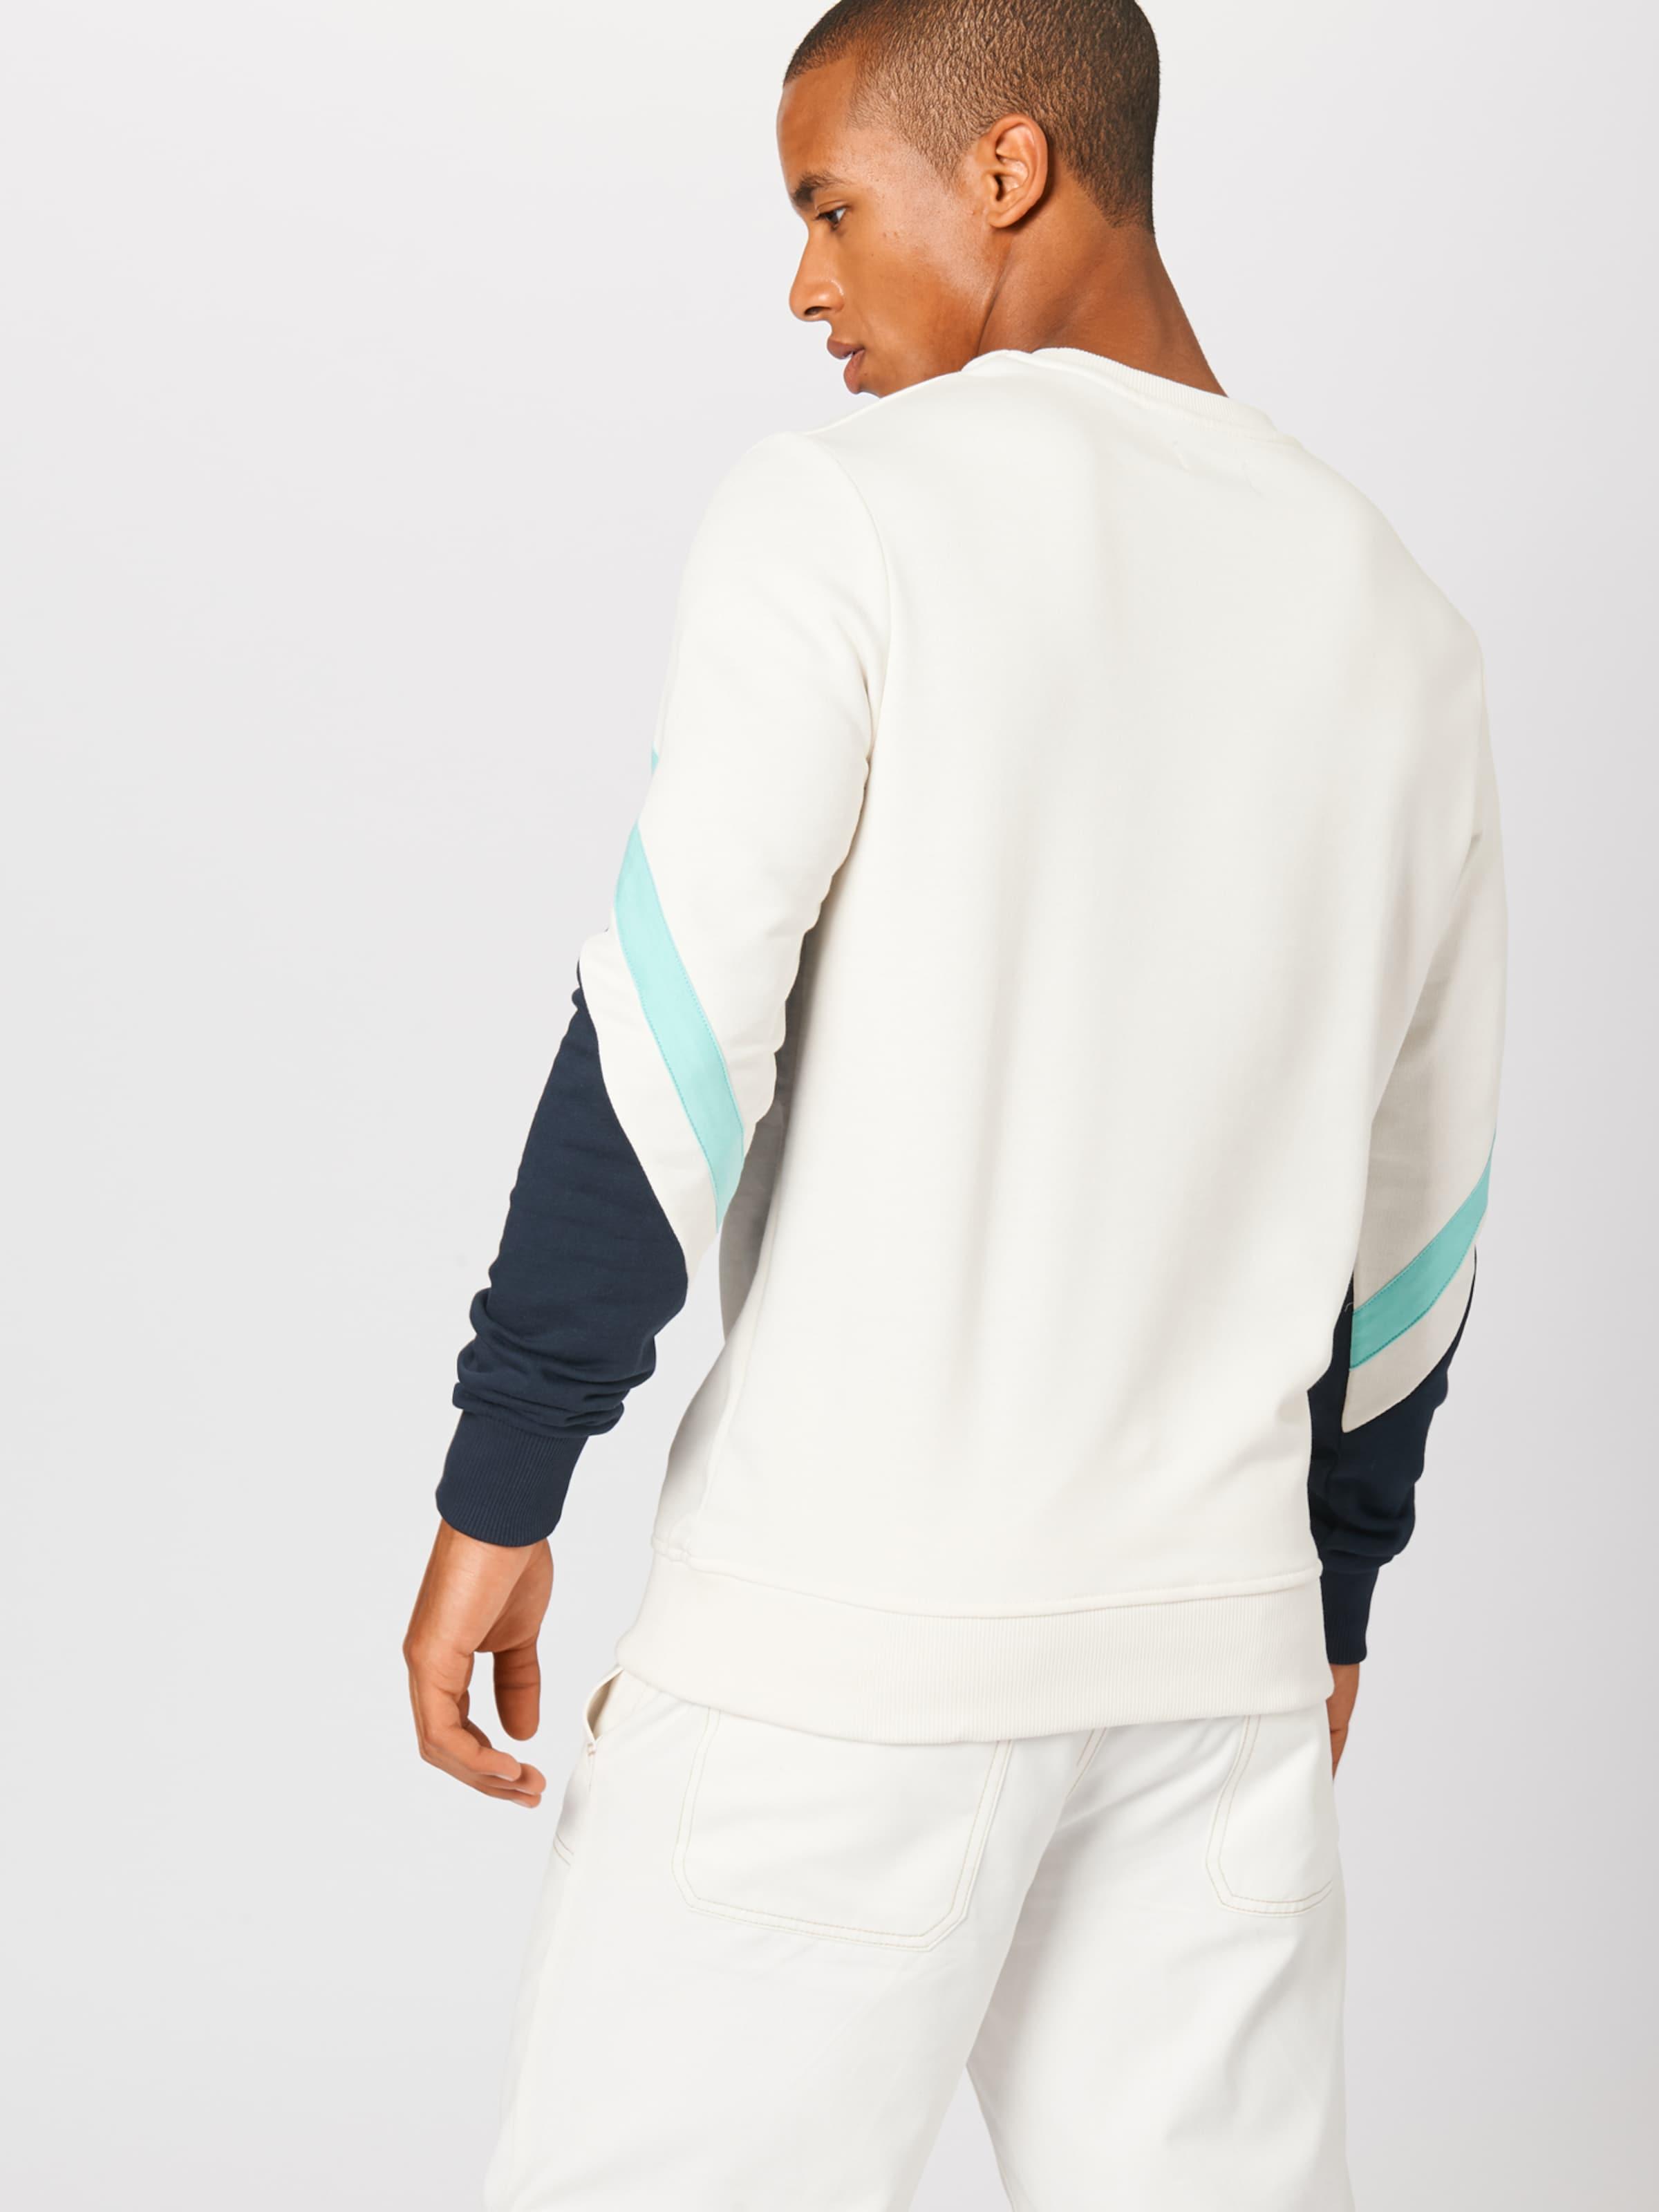 Weiß Jones In In Jones Jackamp; Sweatshirt Jackamp; Sweatshirt Weiß QCxeBdoWr